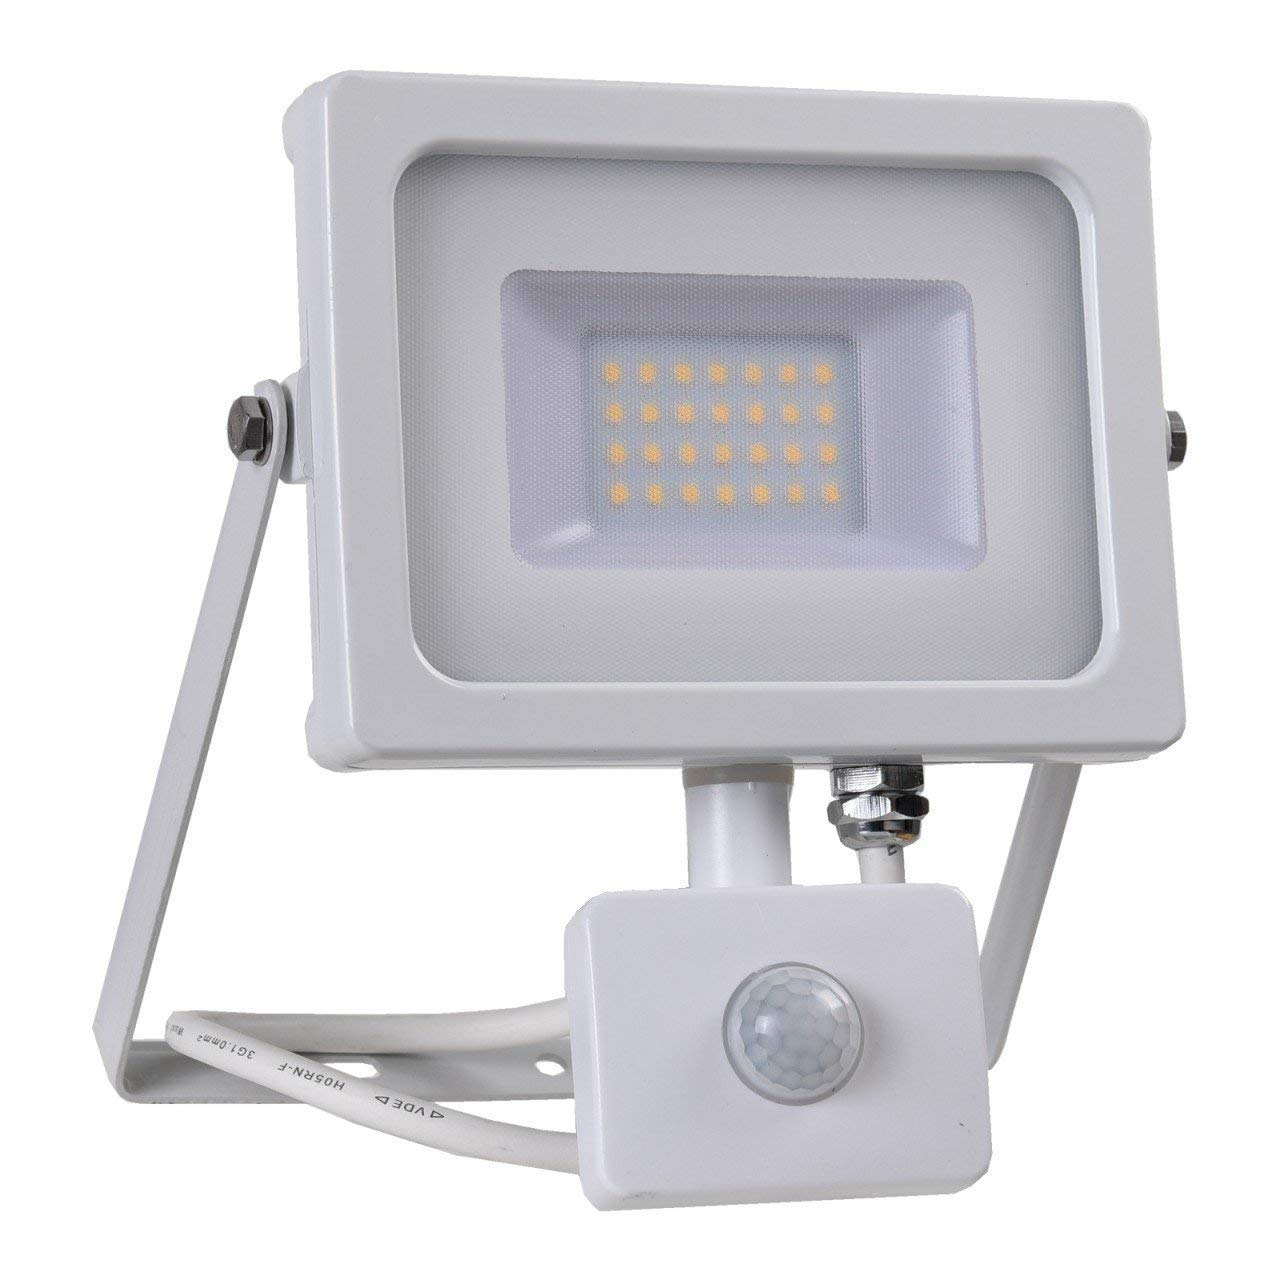 Egutec LED Proyector con Detector de Movimiento, Blanco, 20W, IP65 ...